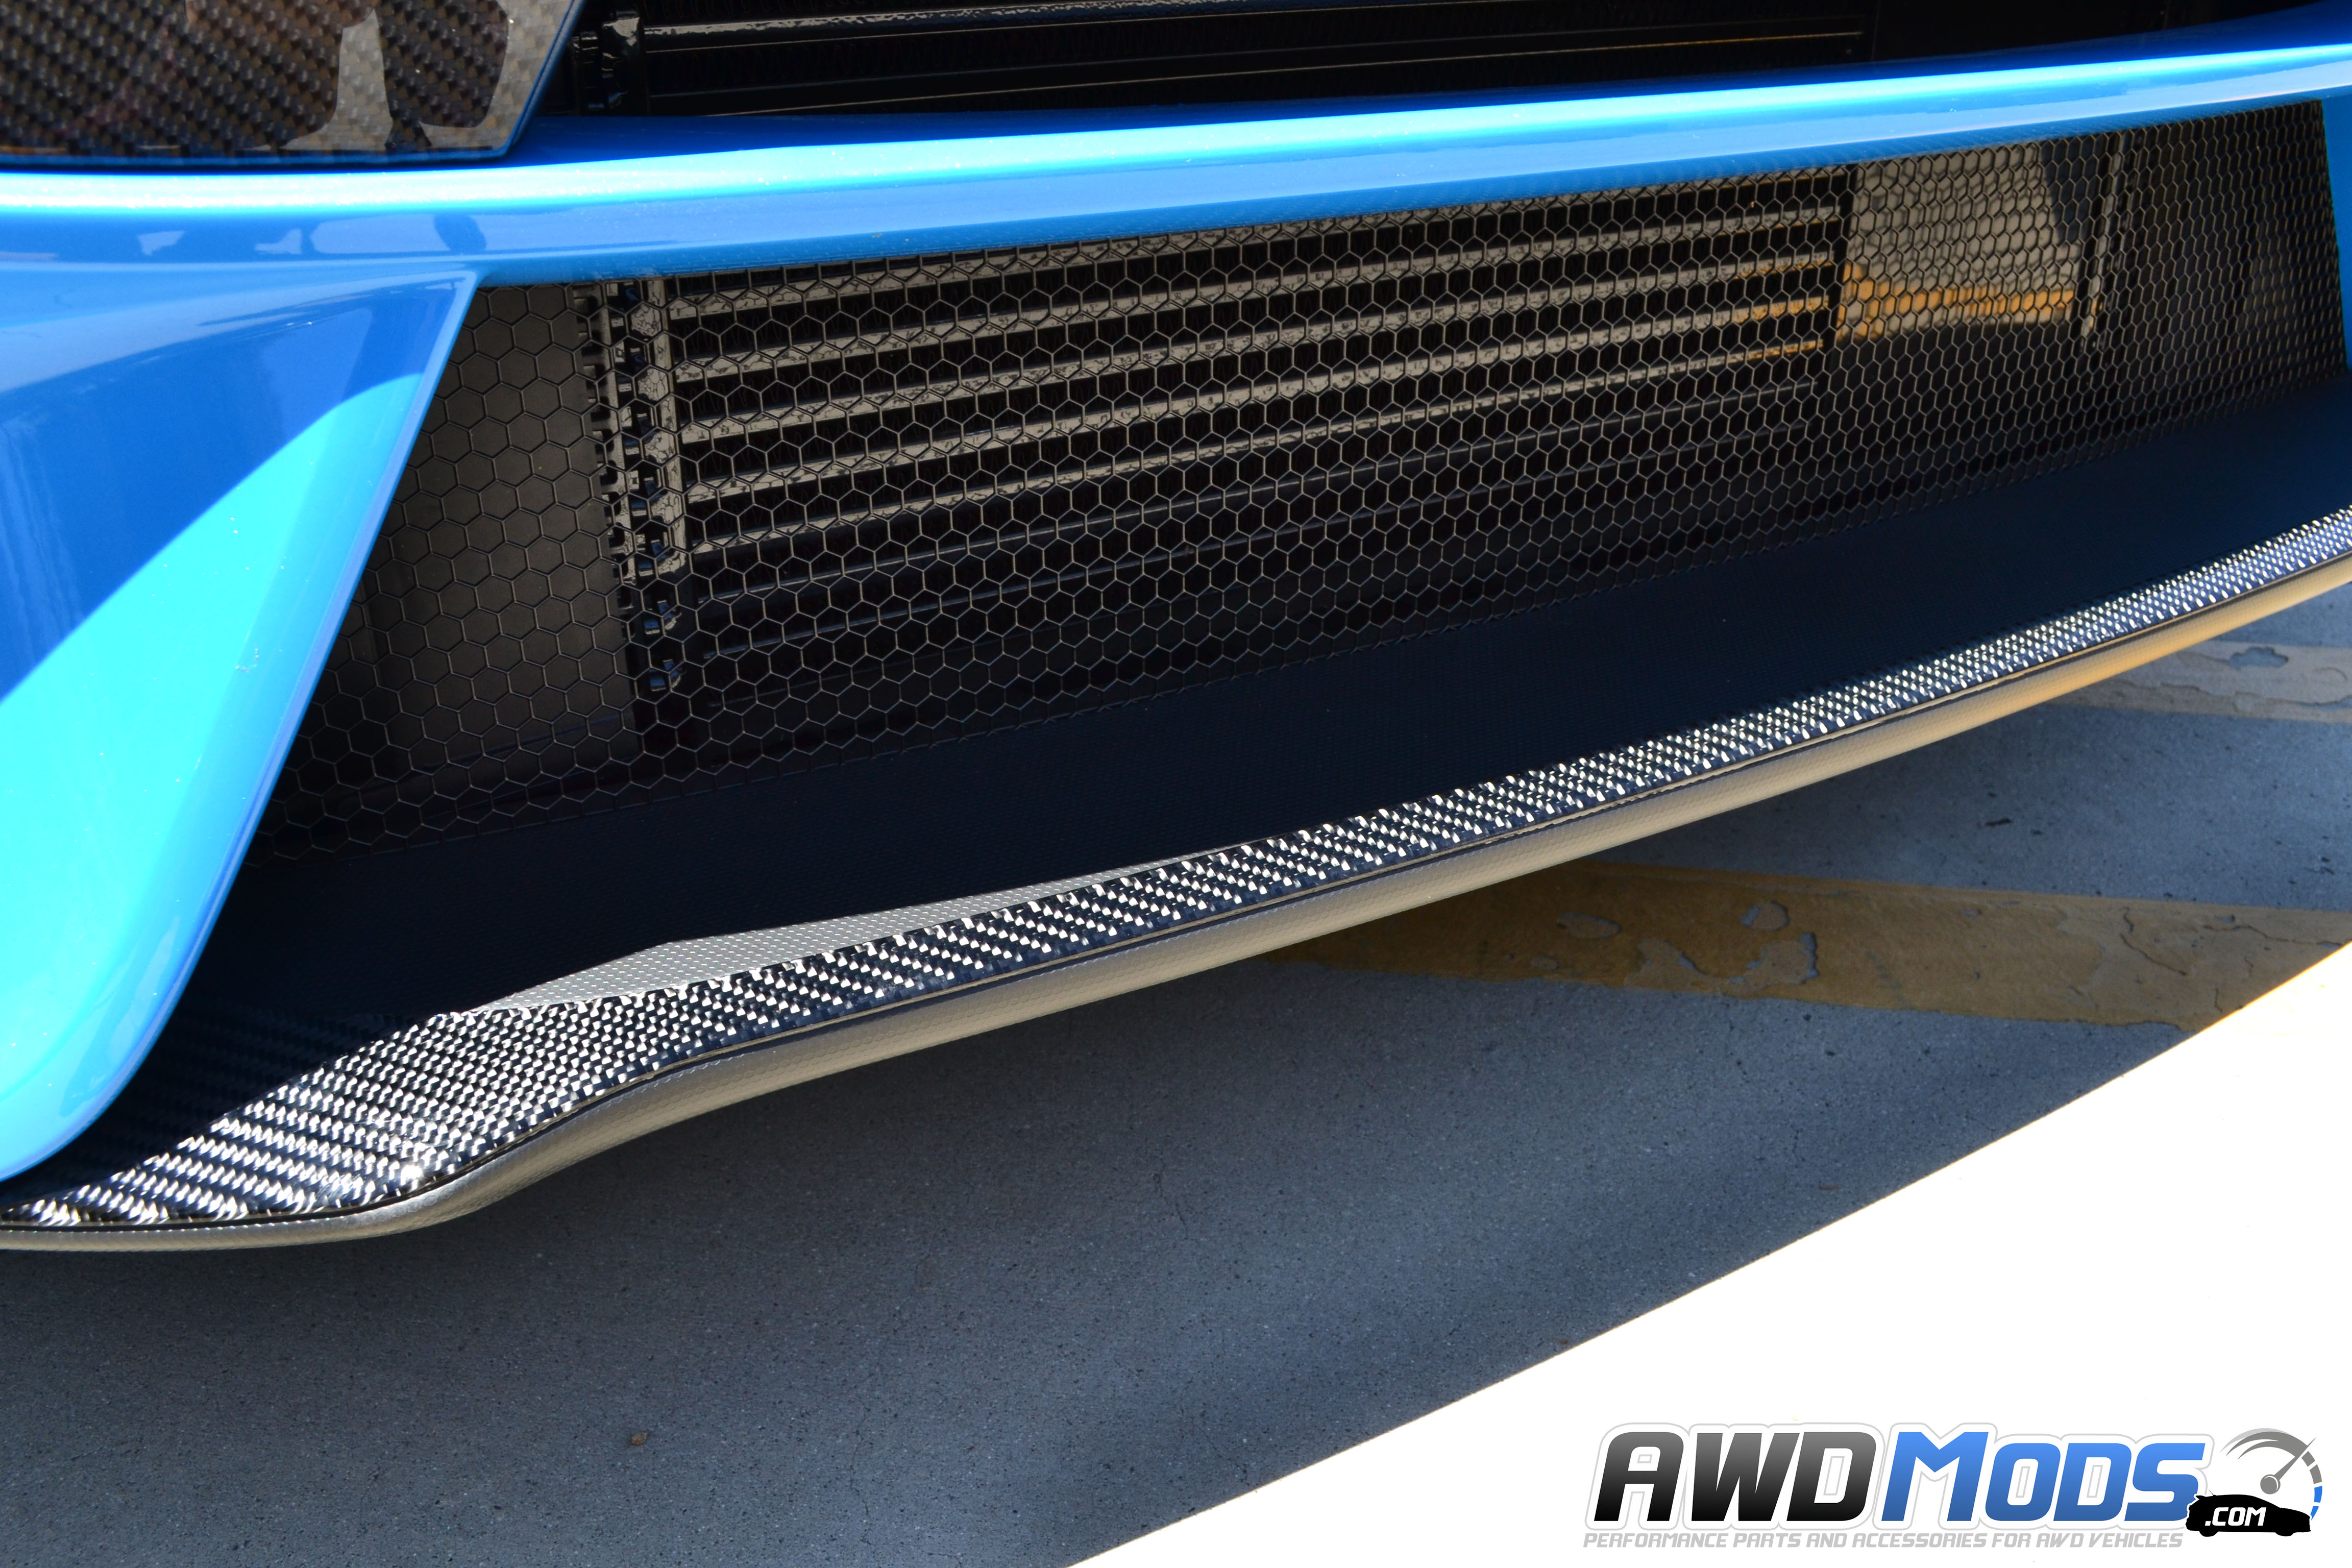 rs tufskinz peel stick carbon fiber front splitter accent kit for the ford focus